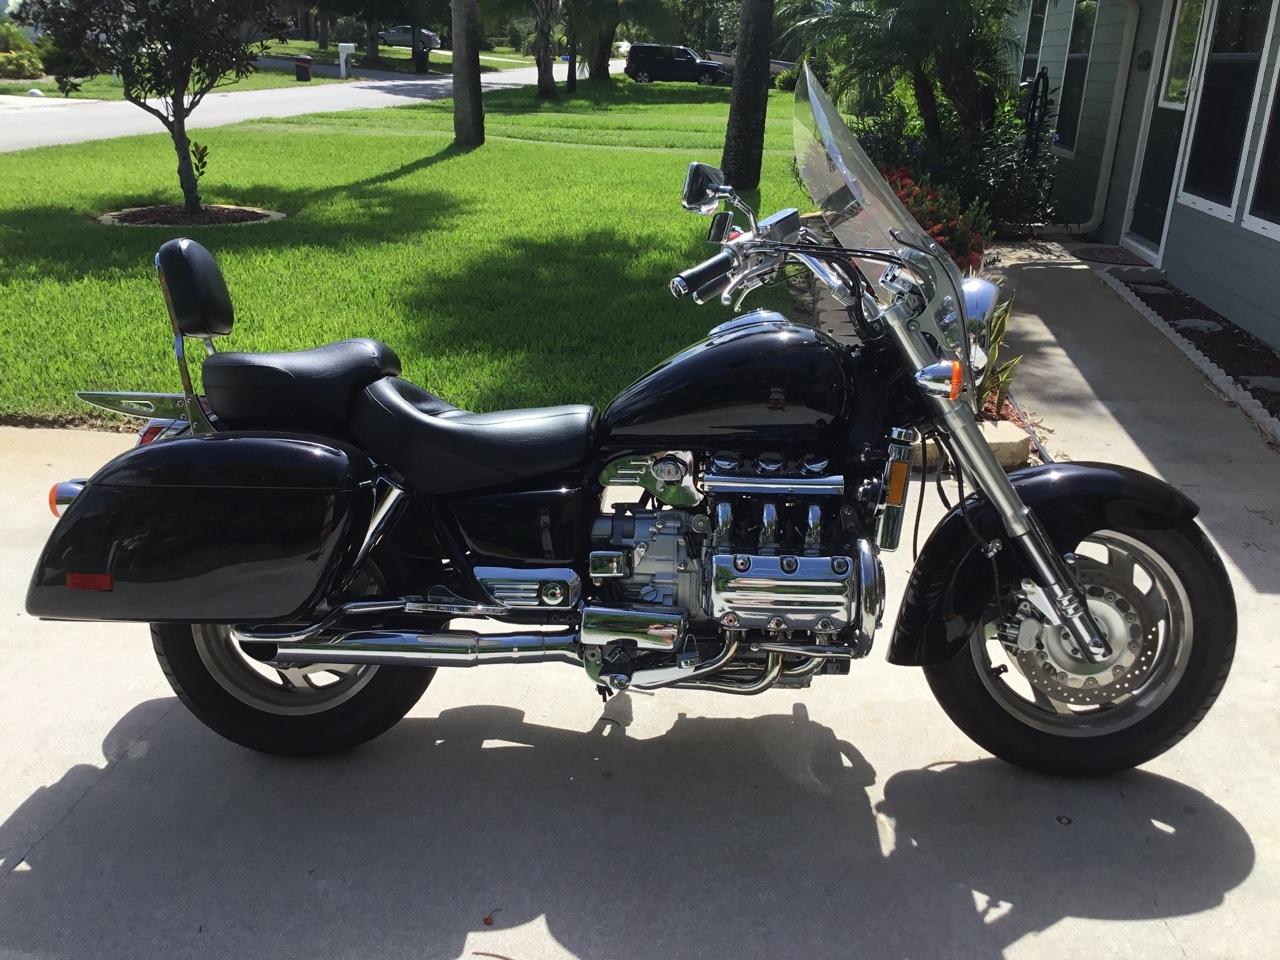 Florida - Valkyrie Rune For Sale - Honda 356953,ATV Four Wheeler